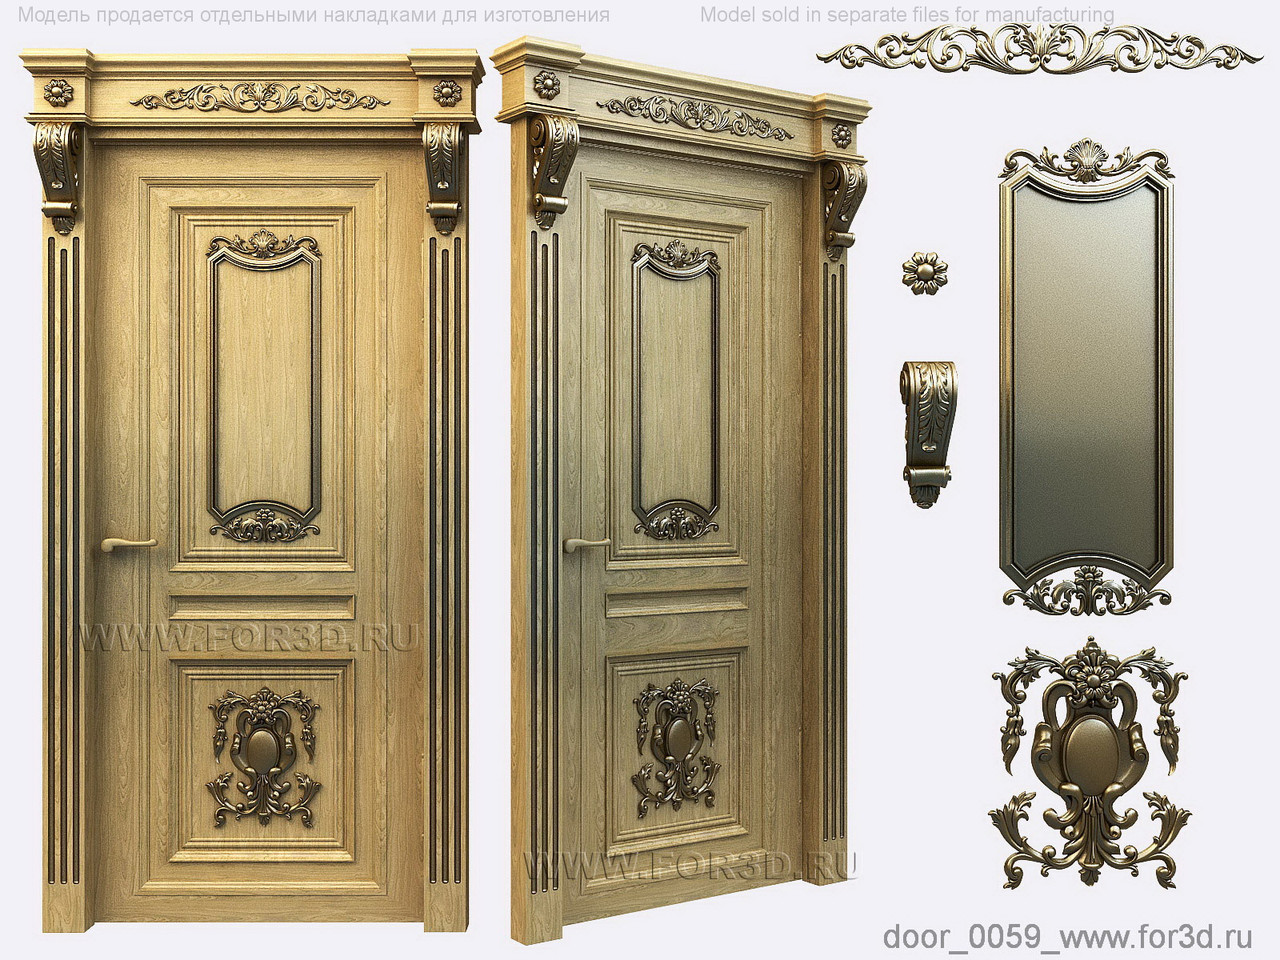 Резной декор для дверей